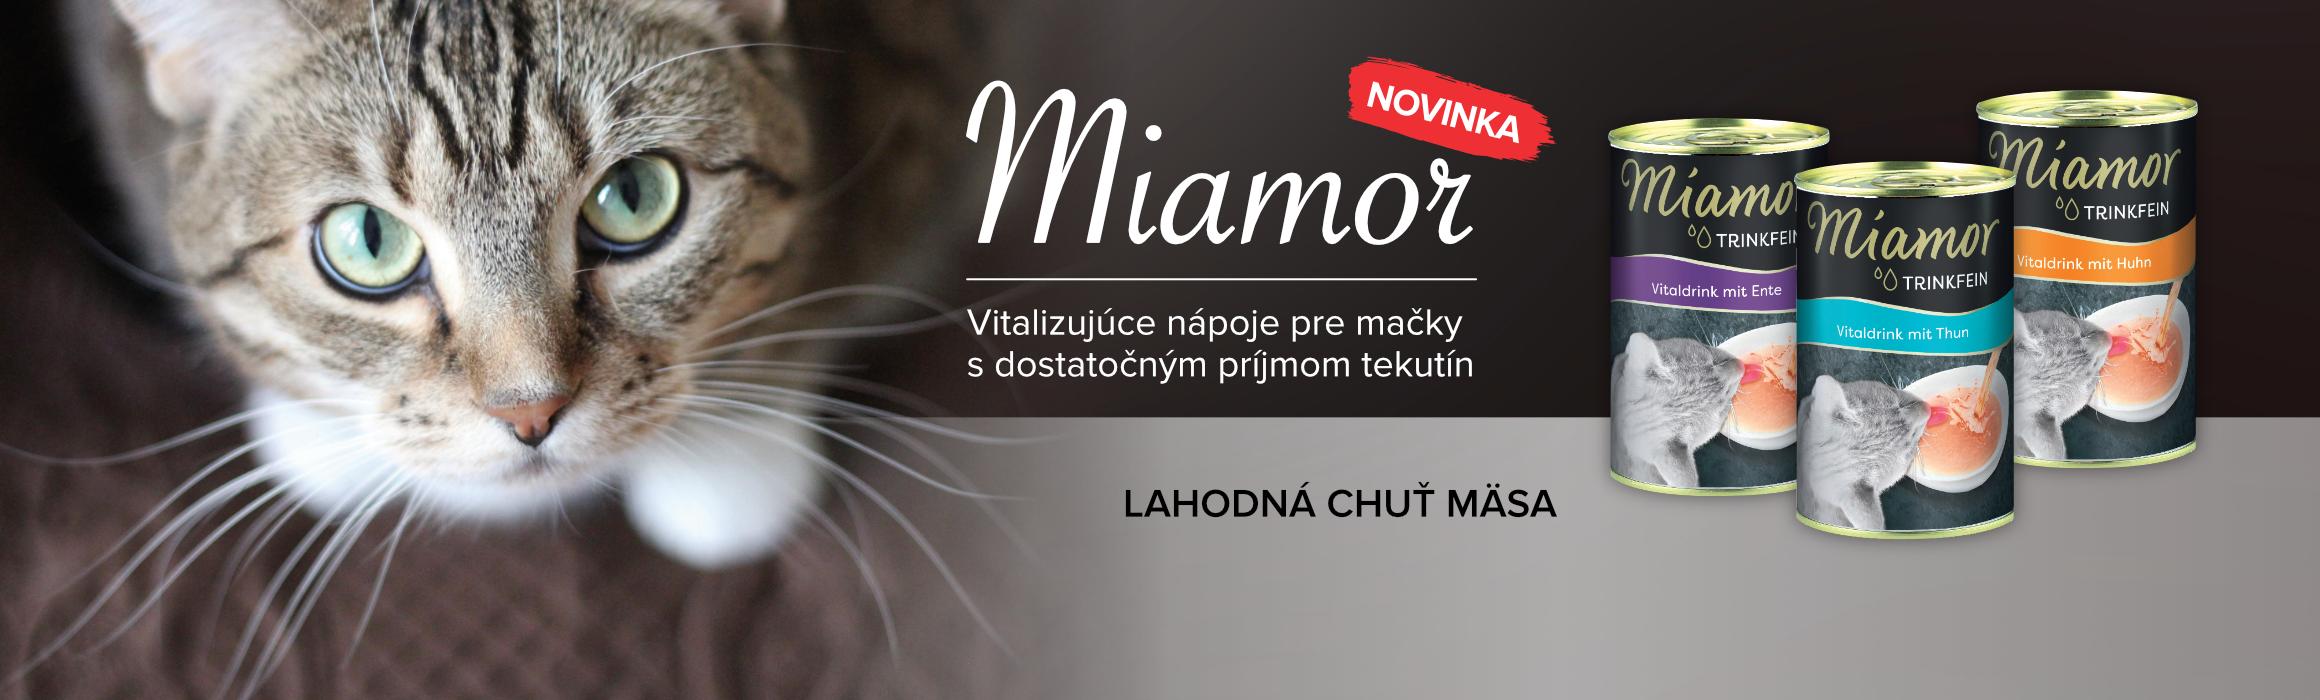 MIAMOR Viatalizujúce nápoje pre mačky